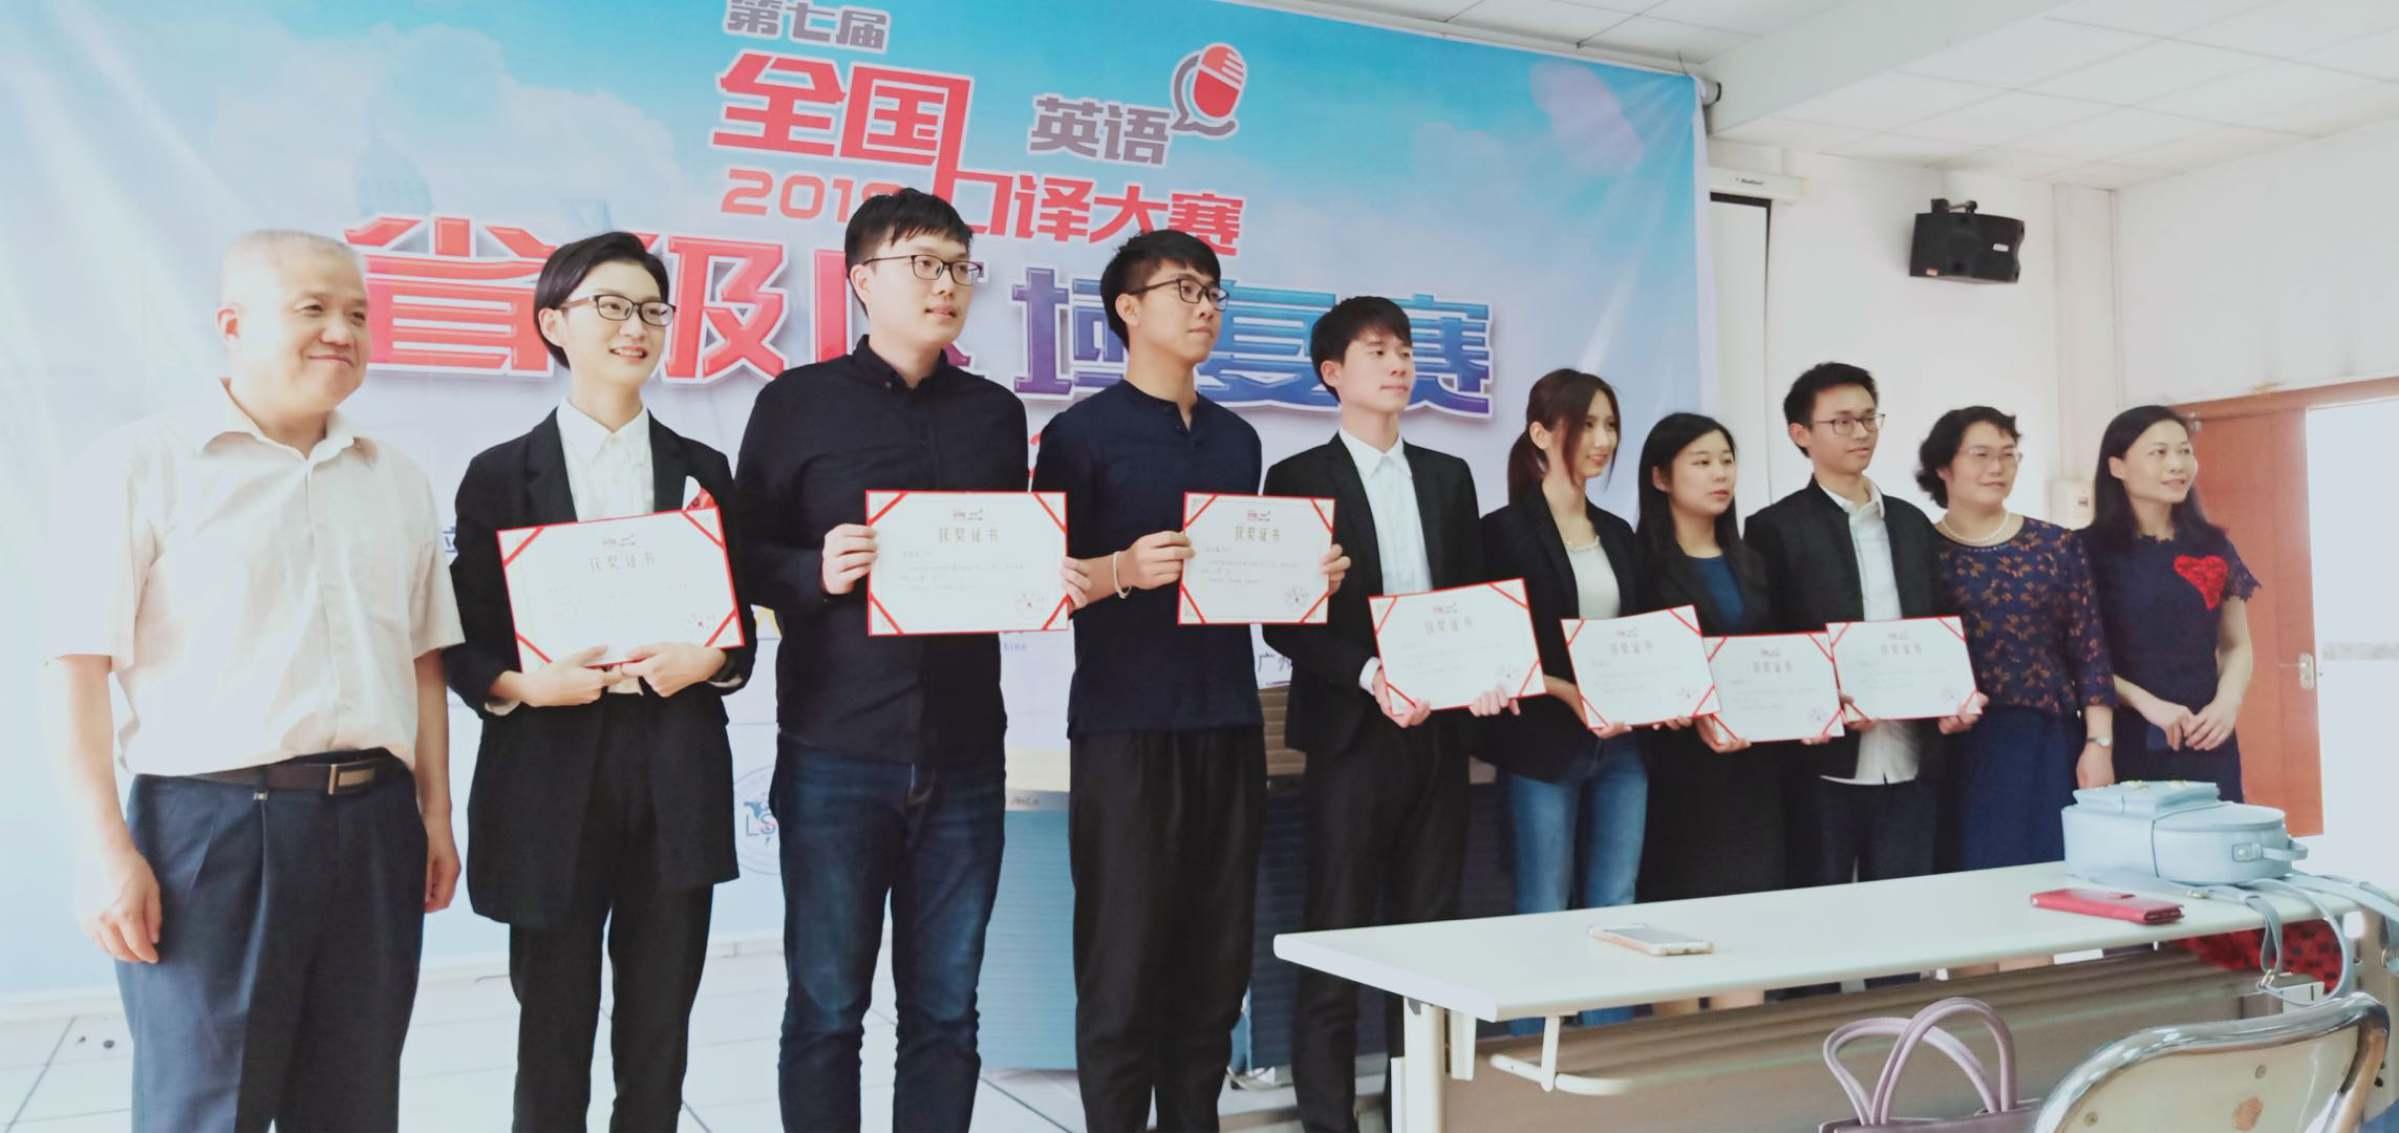 我校學子獲第七屆全國口譯大賽(英語)復賽廣東賽區二、三等獎